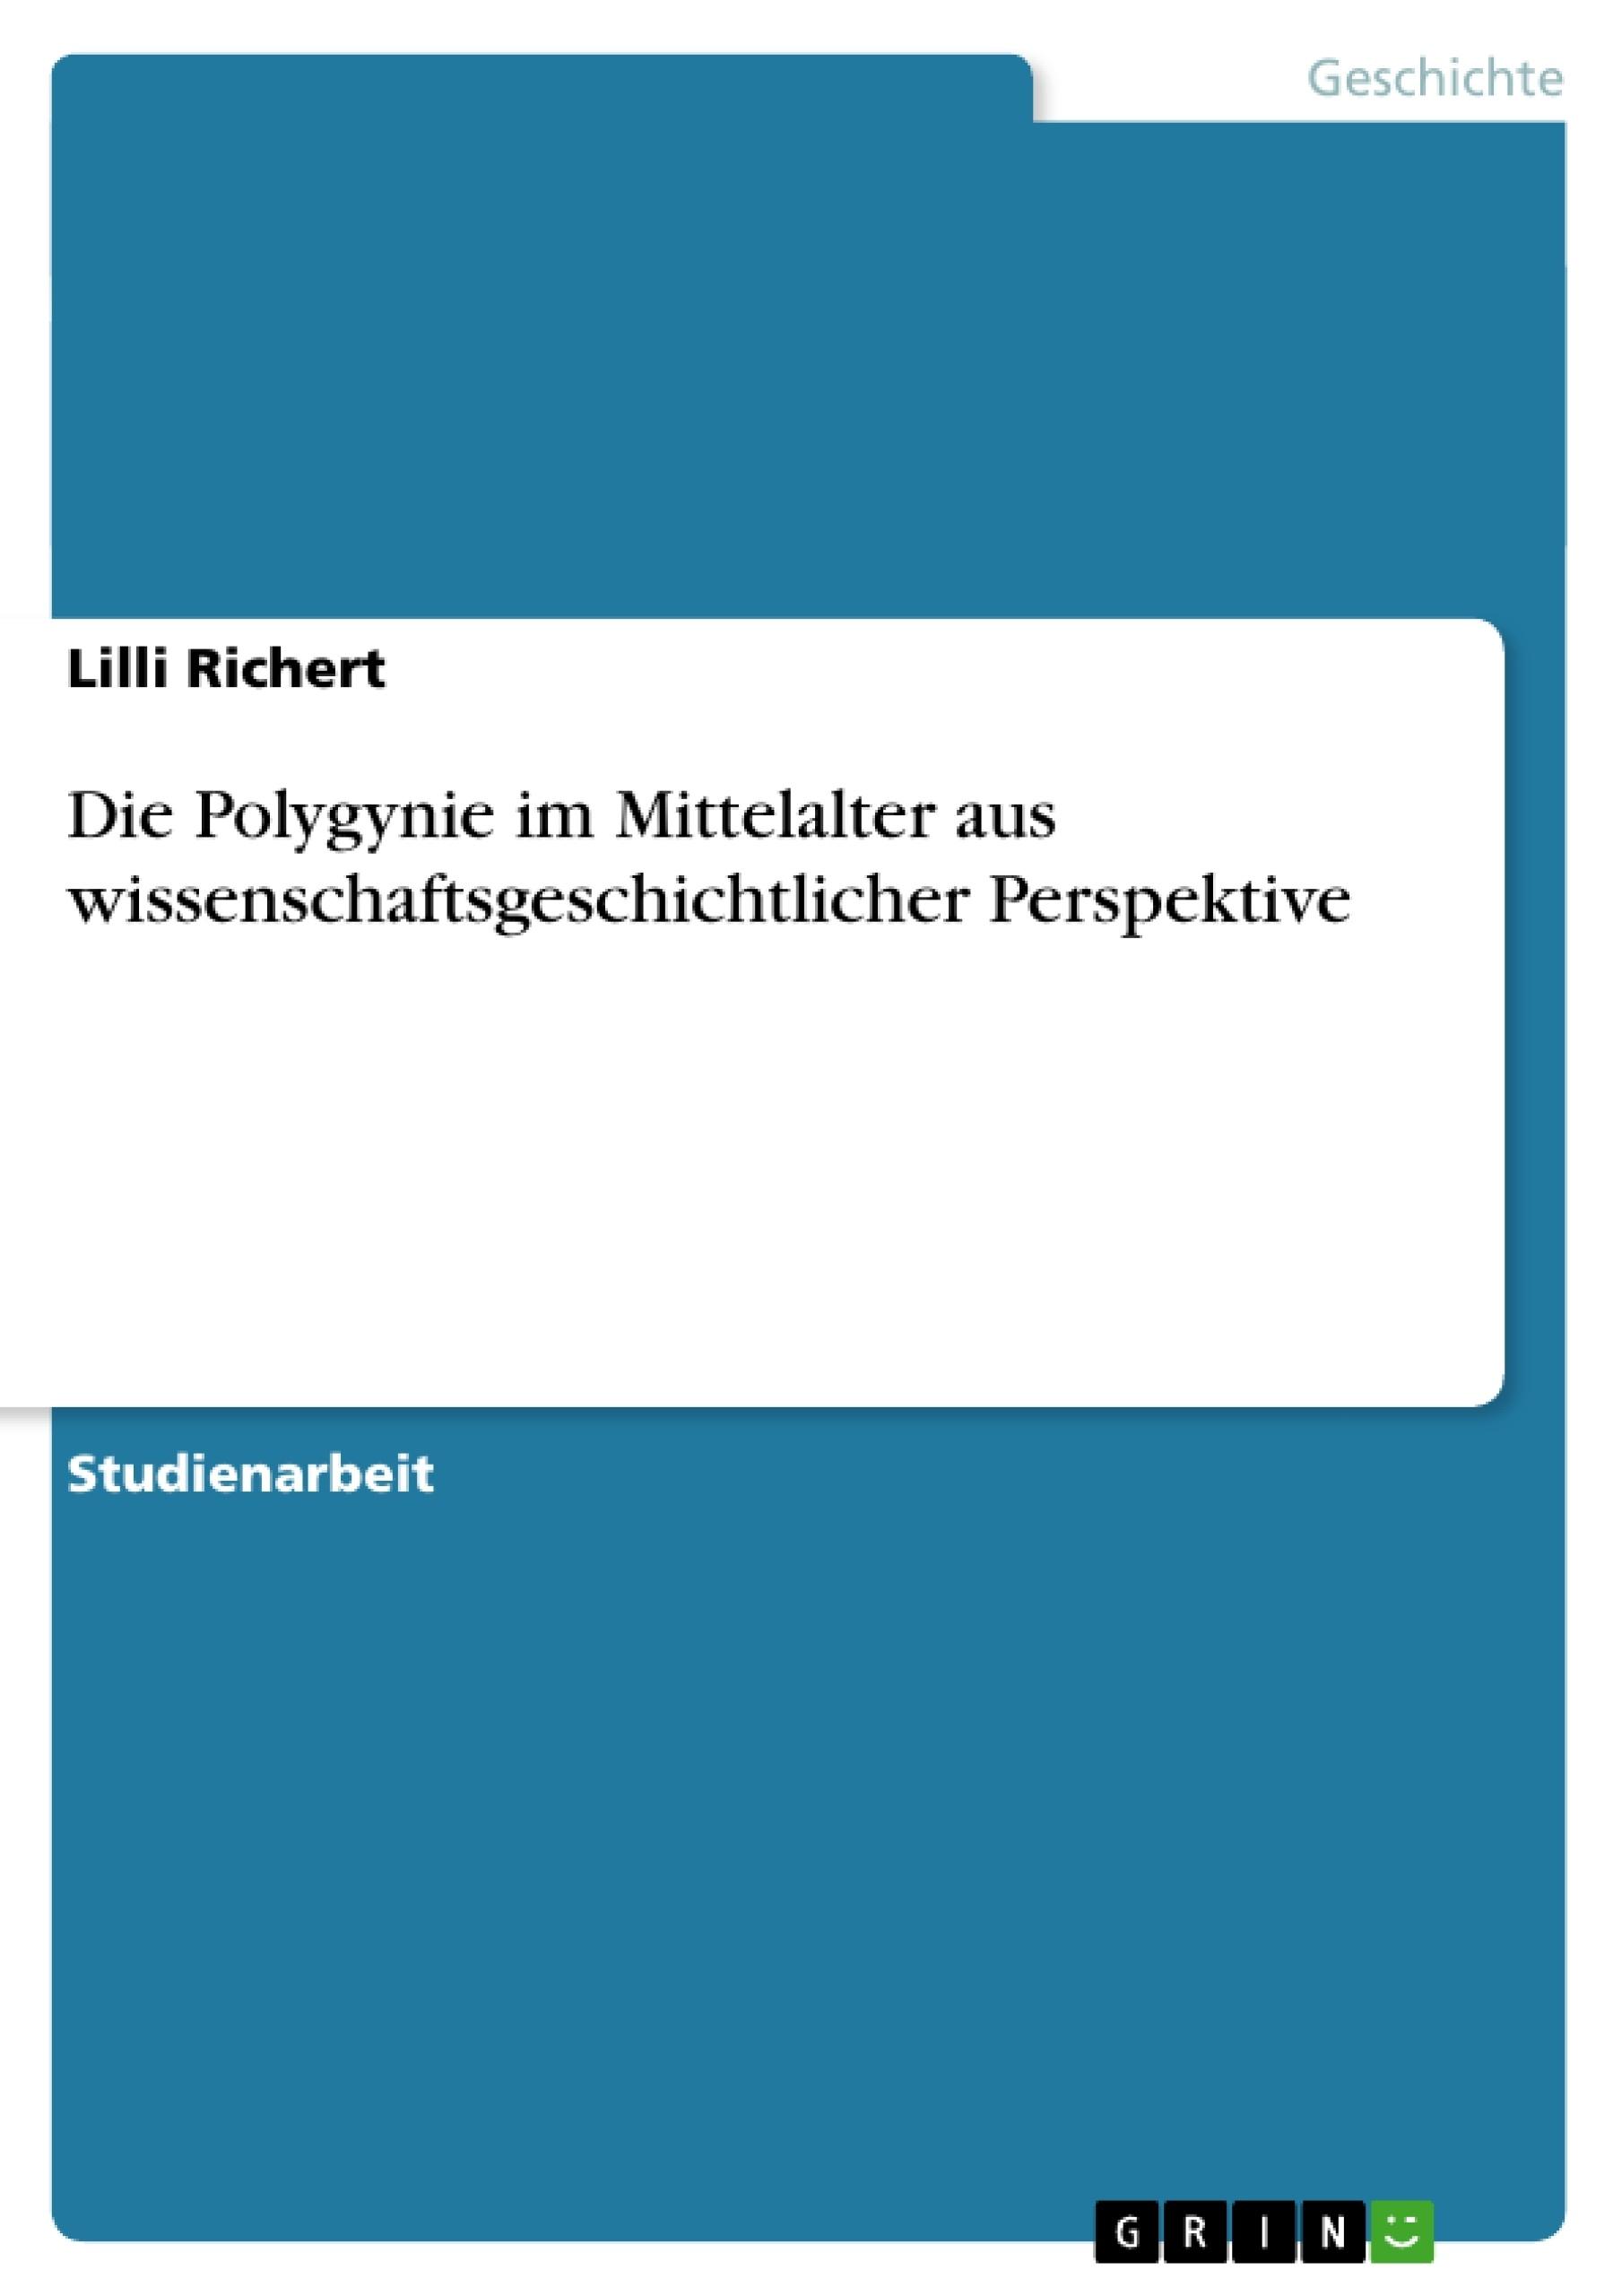 Titel: Die Polygynie im Mittelalter aus wissenschaftsgeschichtlicher Perspektive